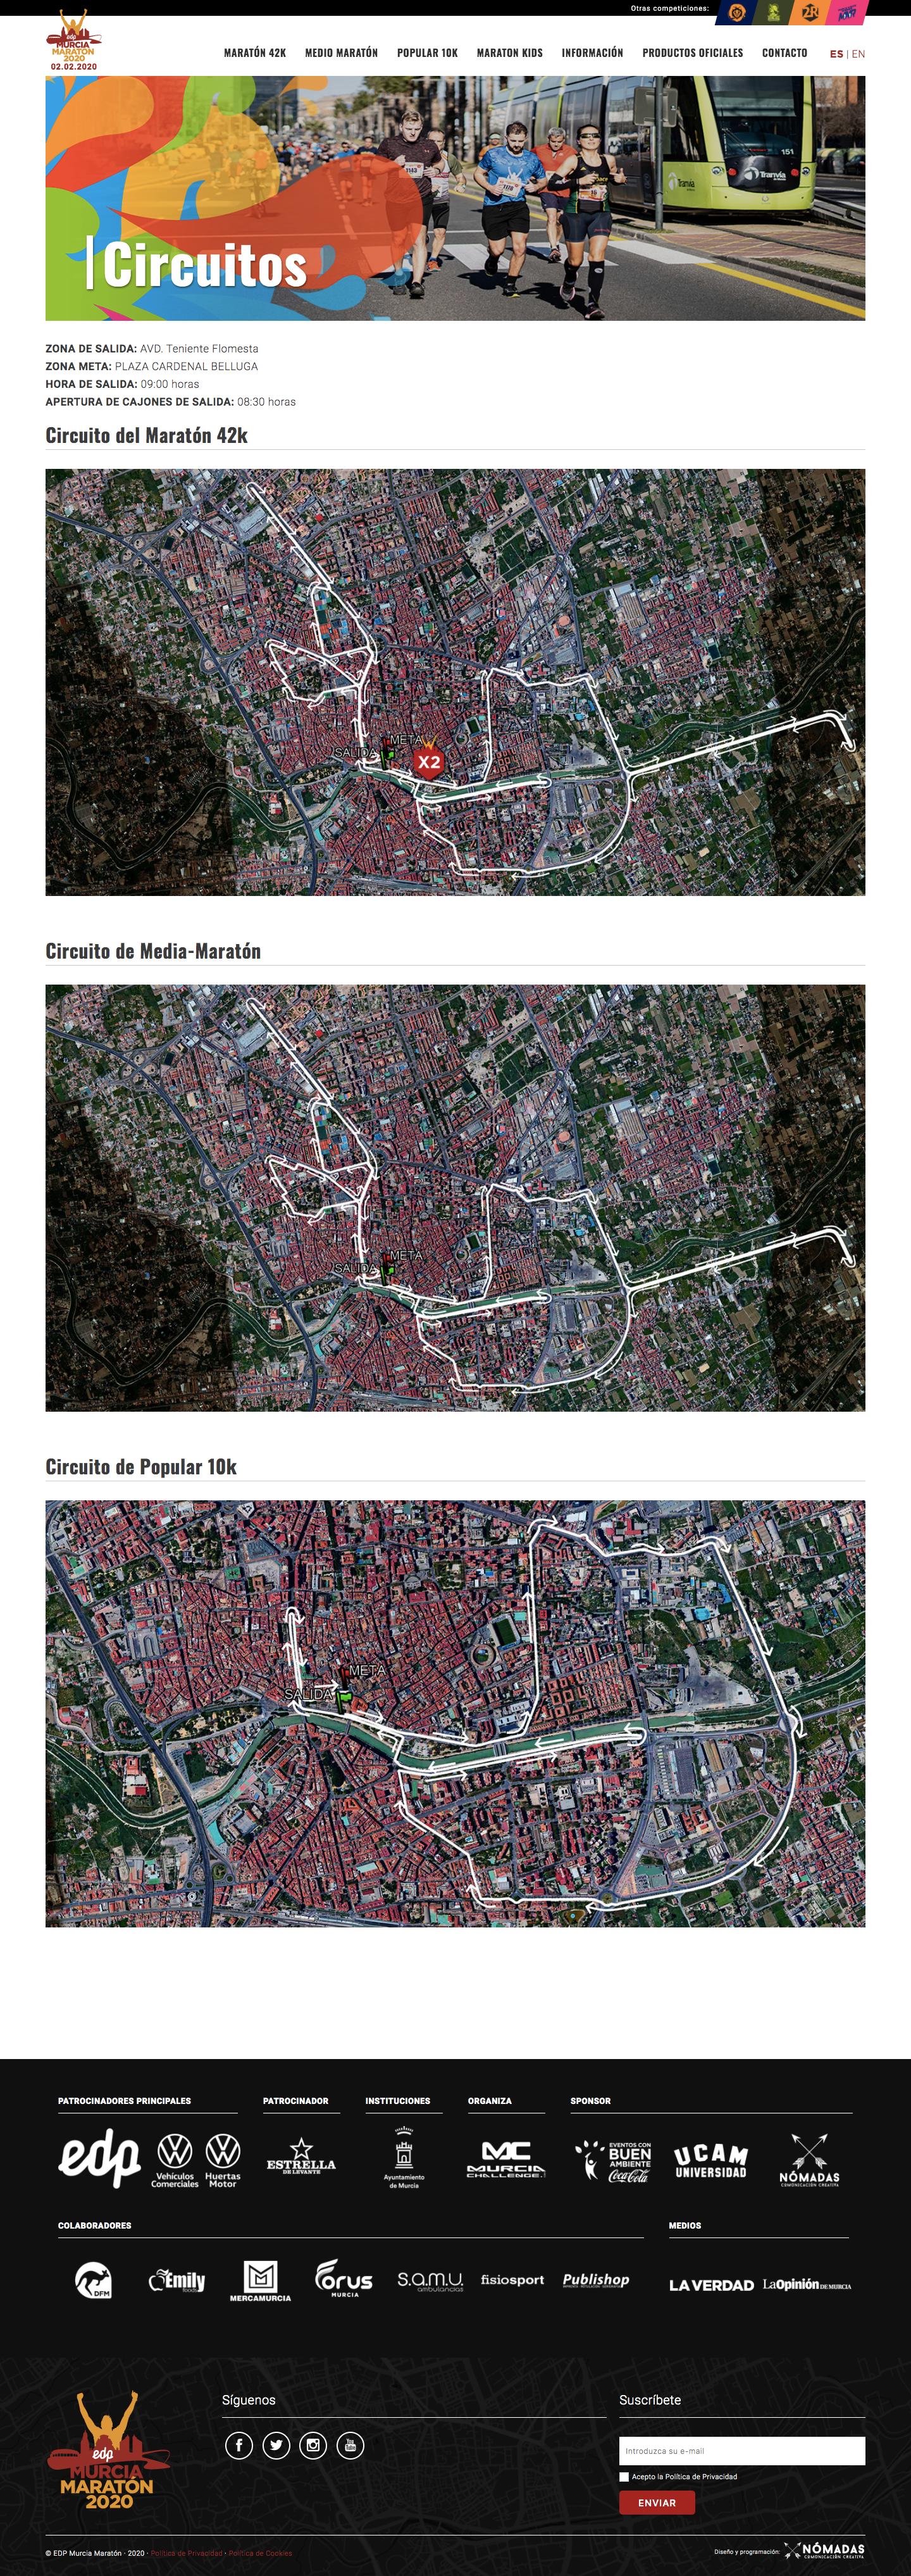 Desarrollador freelance de páginas web a medida en Murcia. Programación web freelance en Murcia y Madrid. | Nómadas Comunicación Creativa.